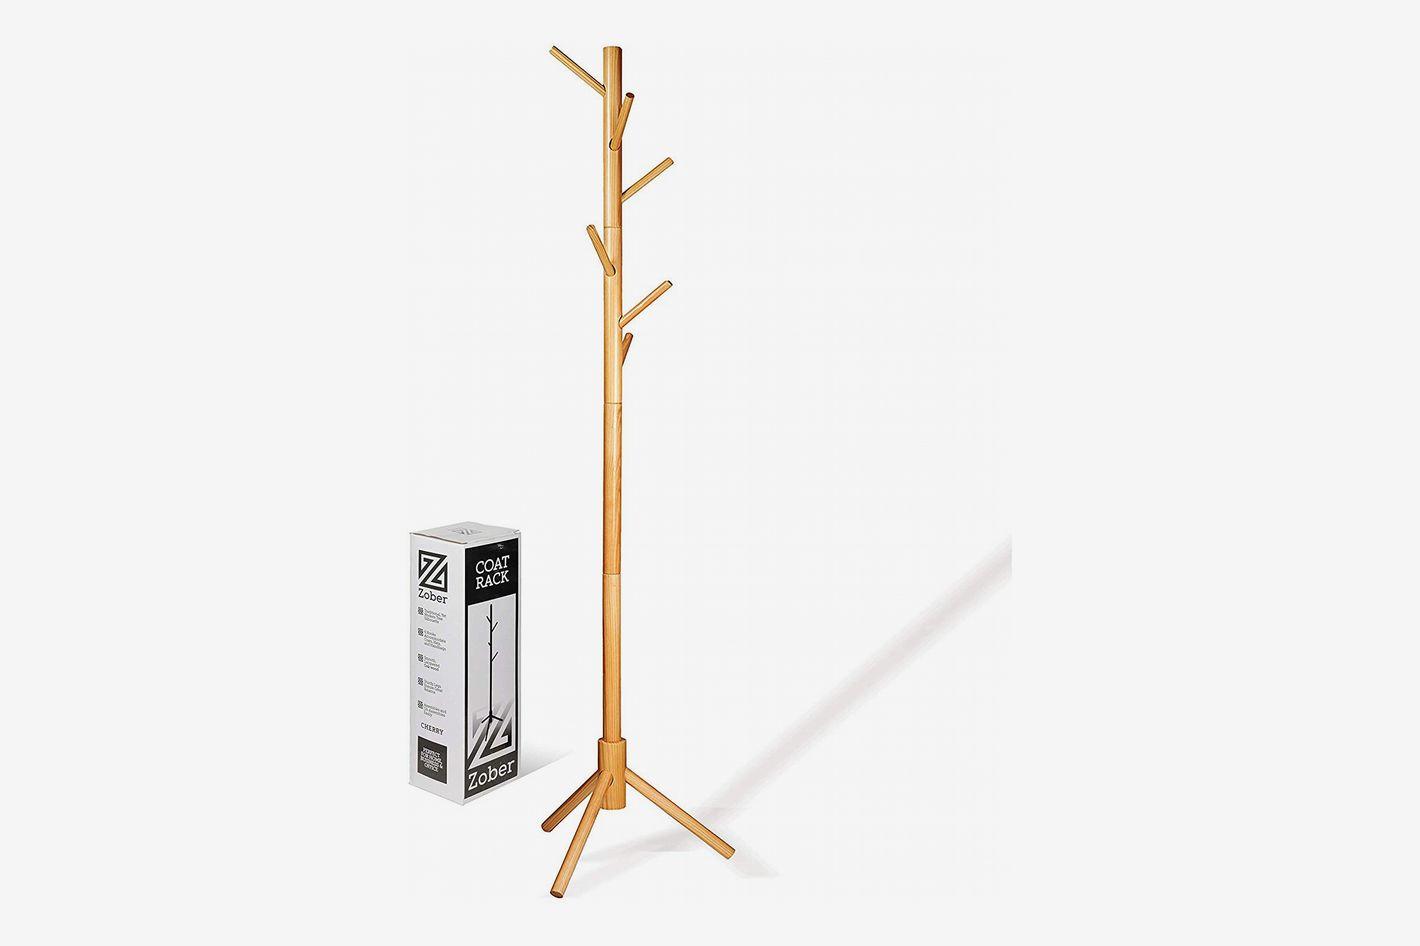 ZOBER Wooden Coat Rack Stand